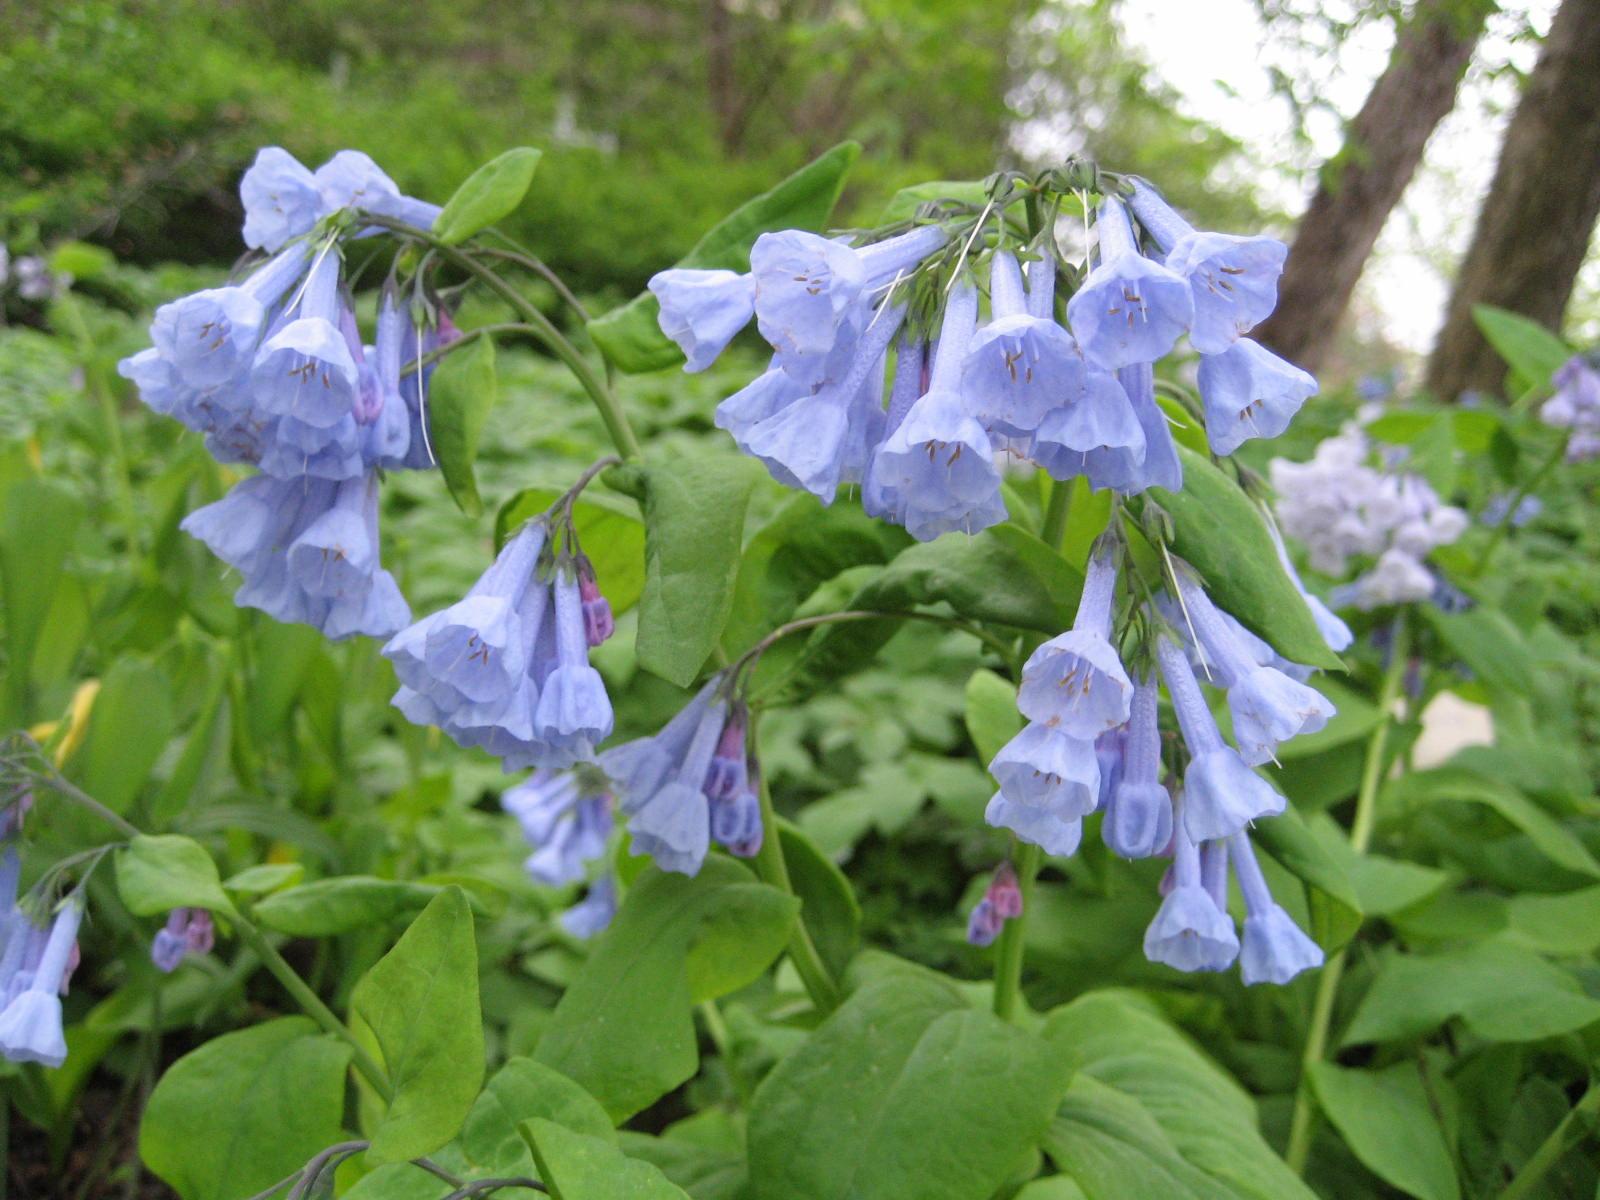 File:Mertensia virginica (Flower).jpg - Wikimedia Commons